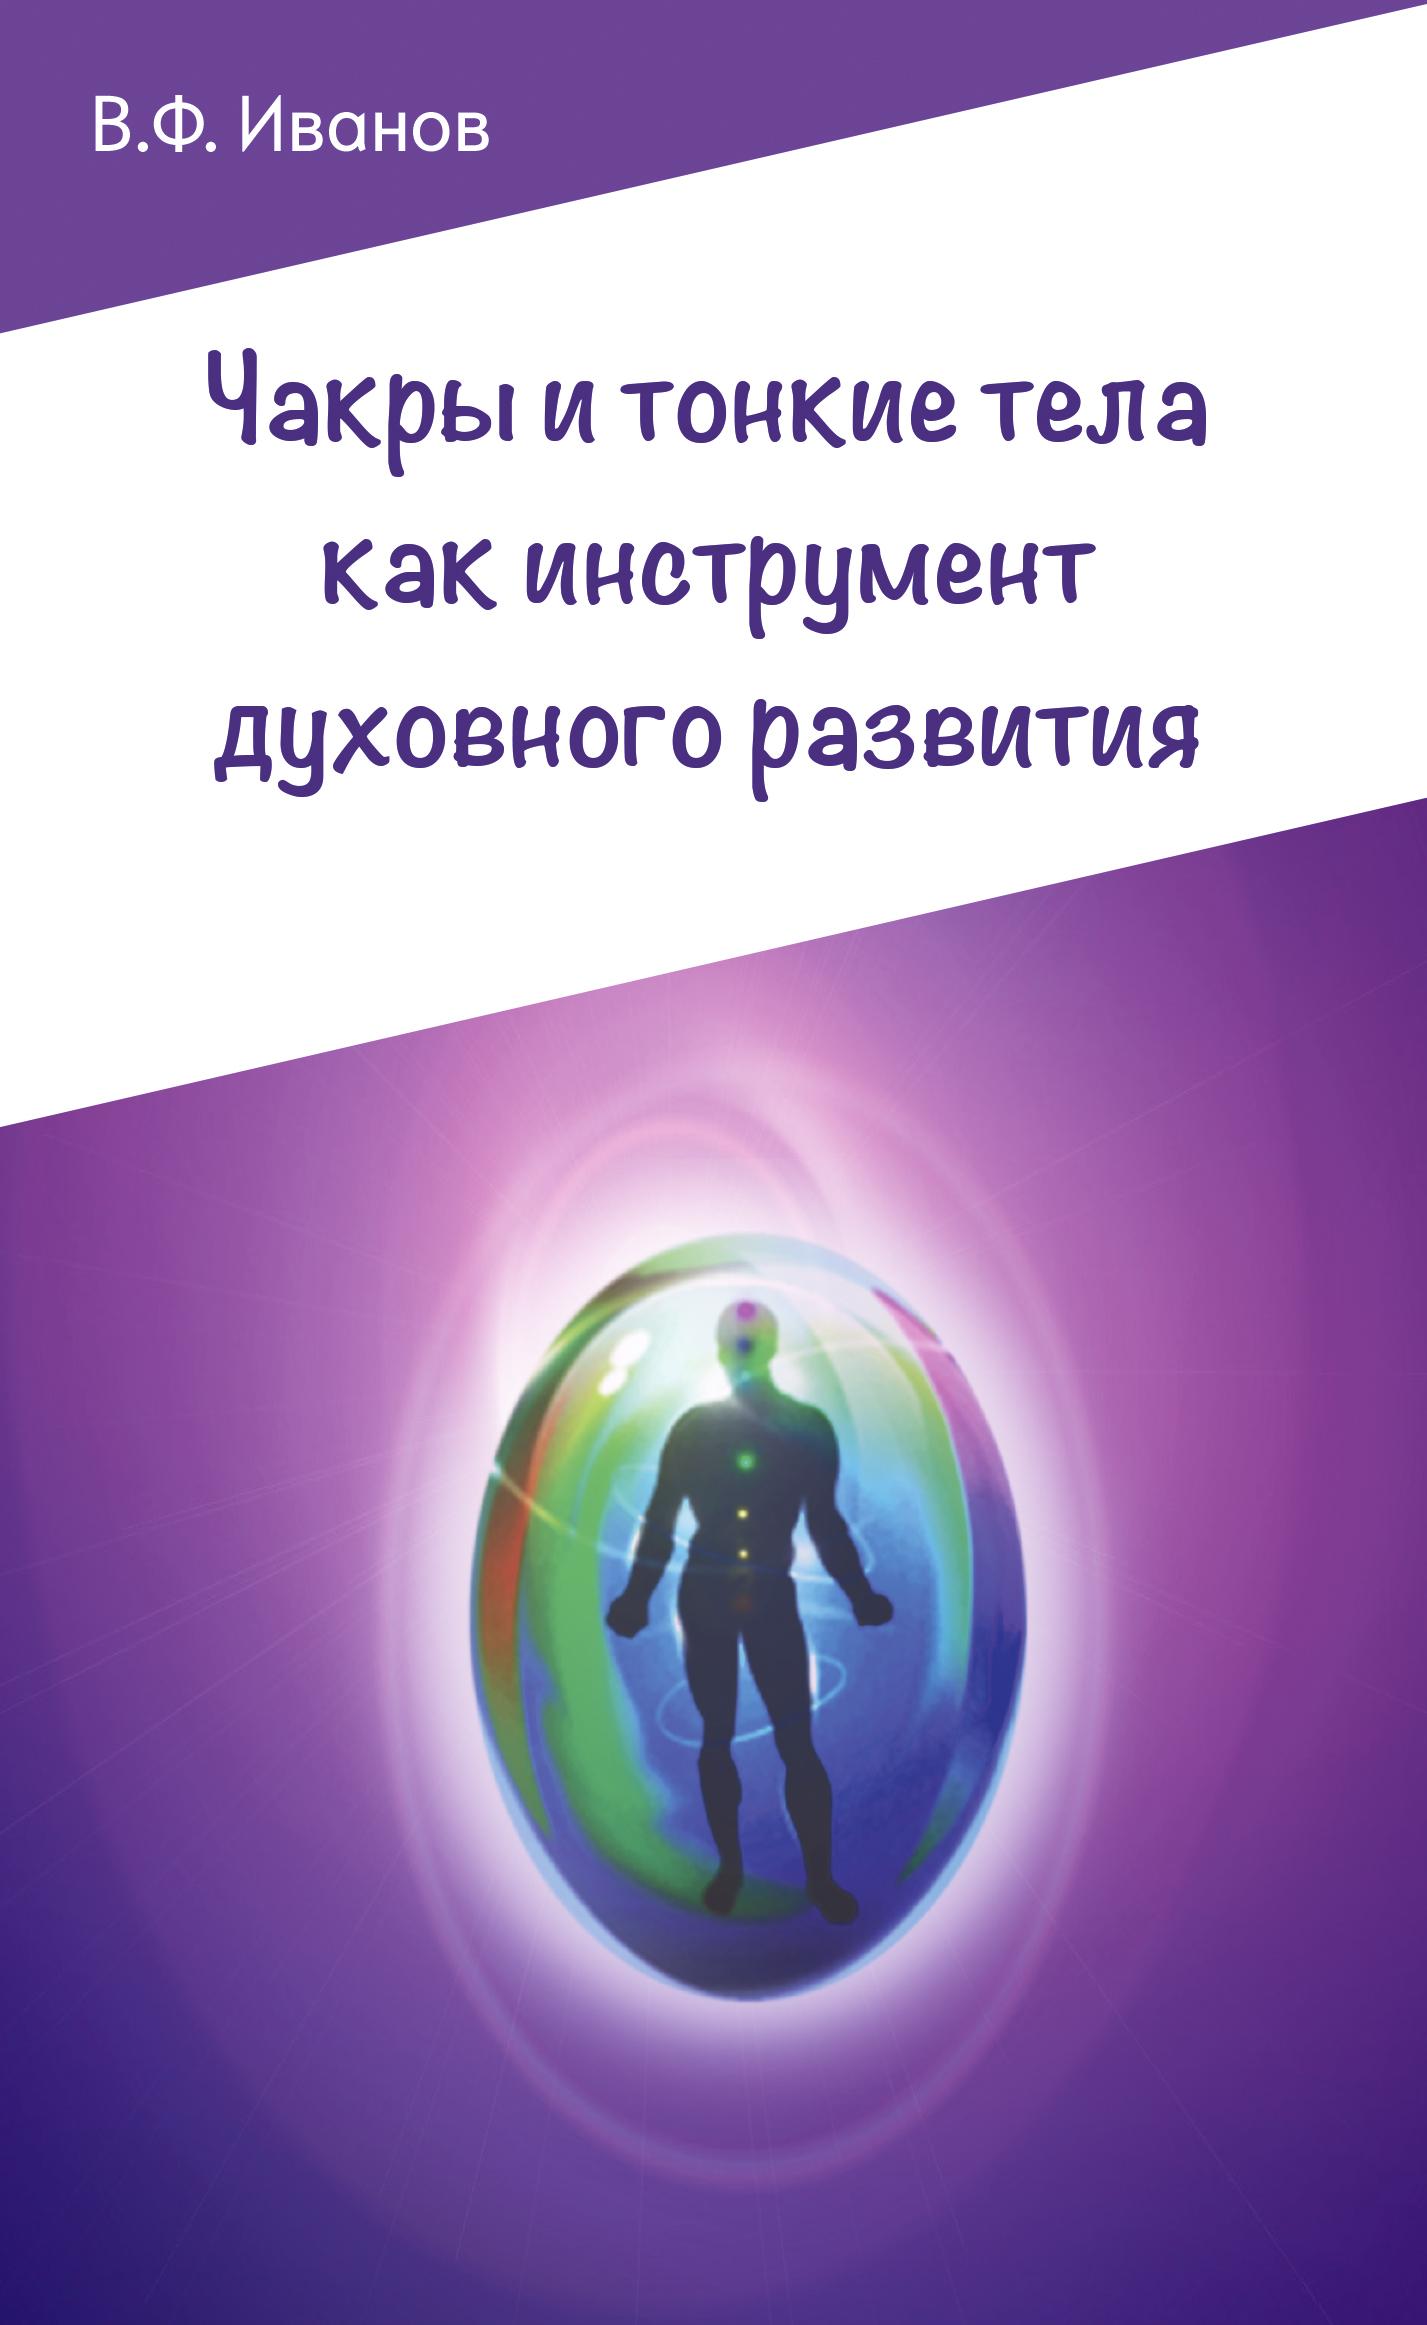 Чакры и тонкие тела как инструмент духовного развития. 2-е изд